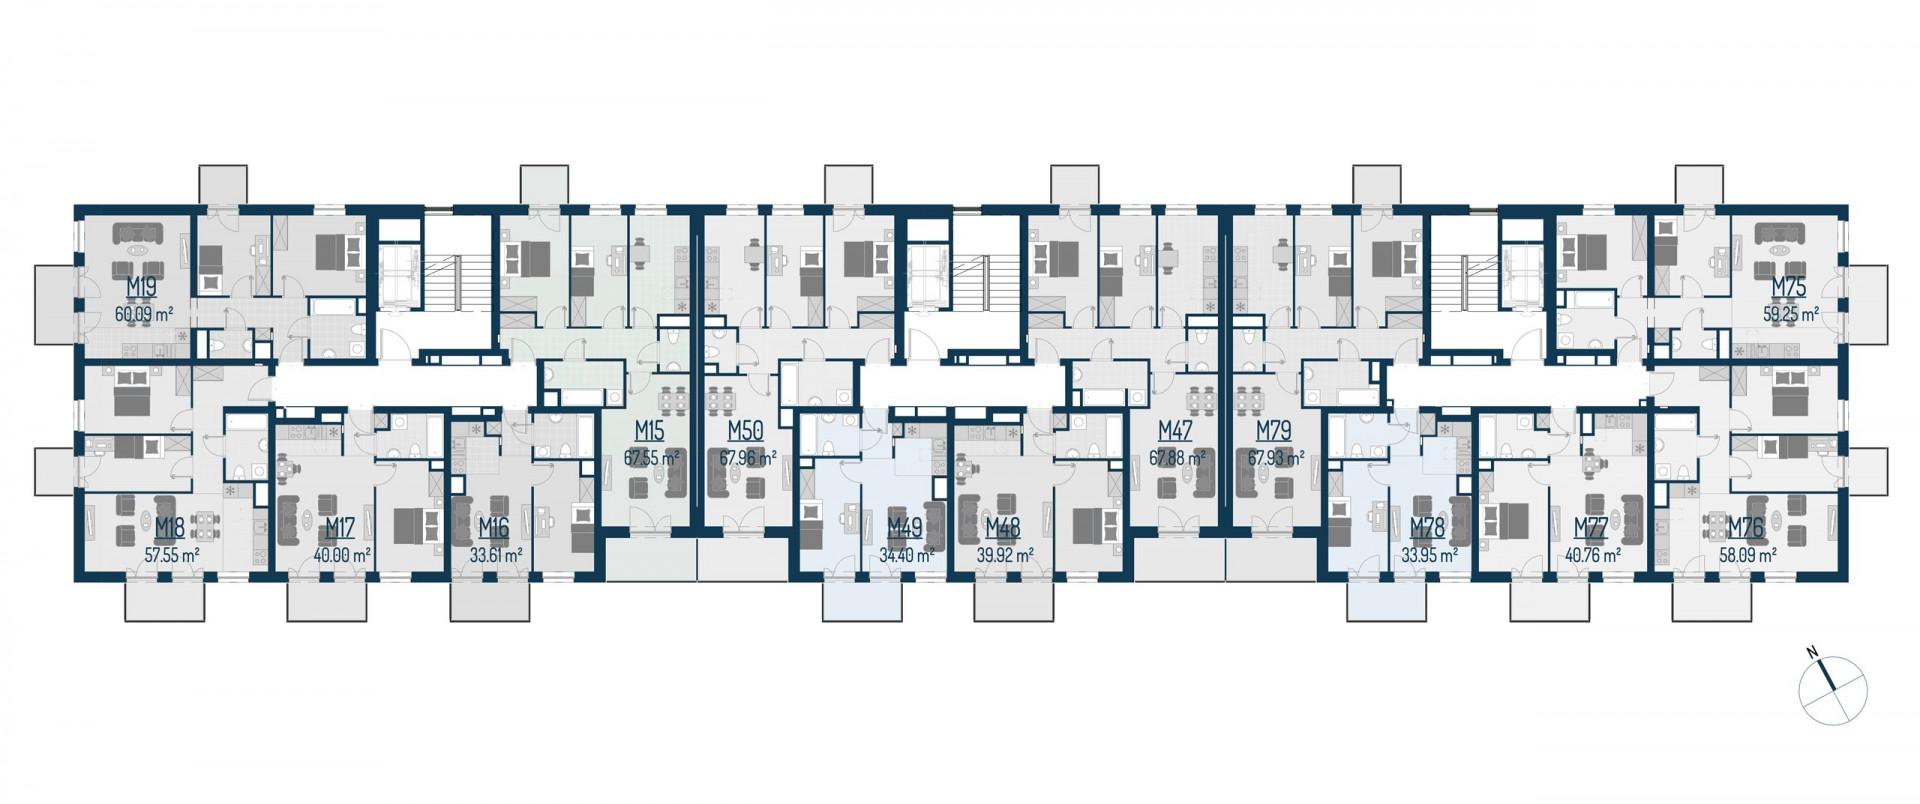 Zdrowe Stylove / budynek 1 / mieszkanie nr M79 rzut 2